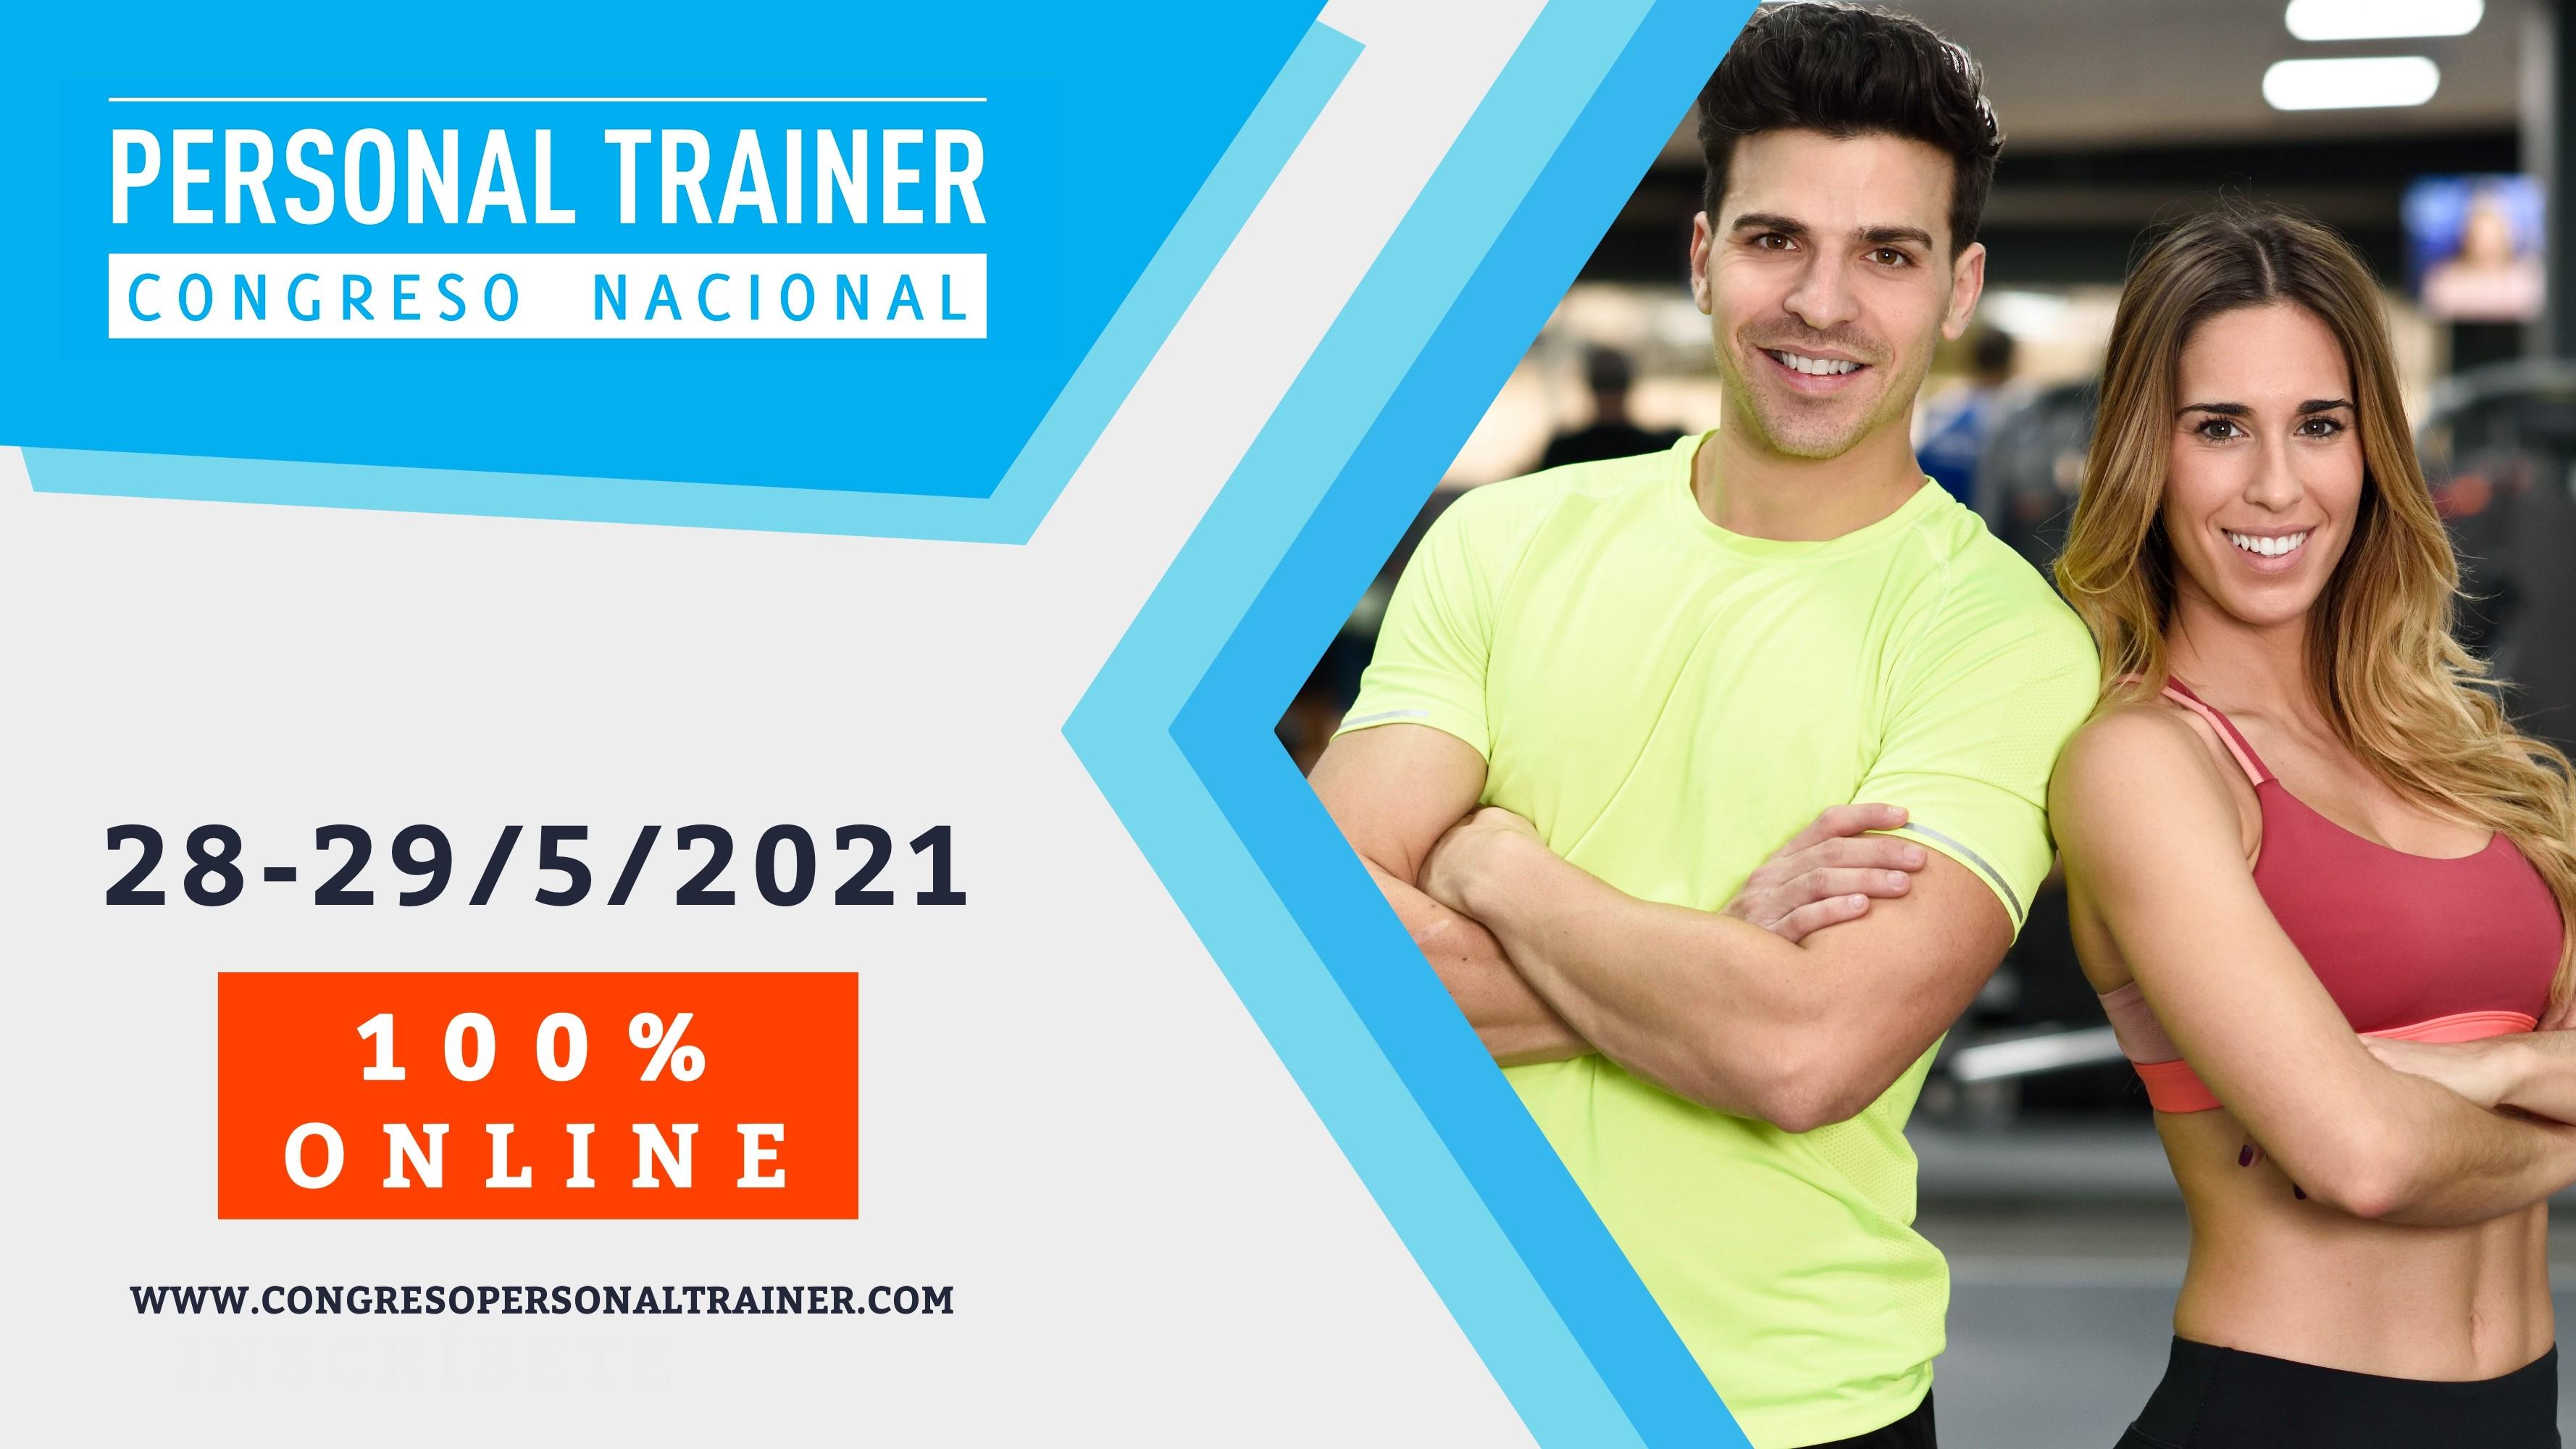 La 7ª edición del Congreso Personal Trainer se celebrará el mes de mayo